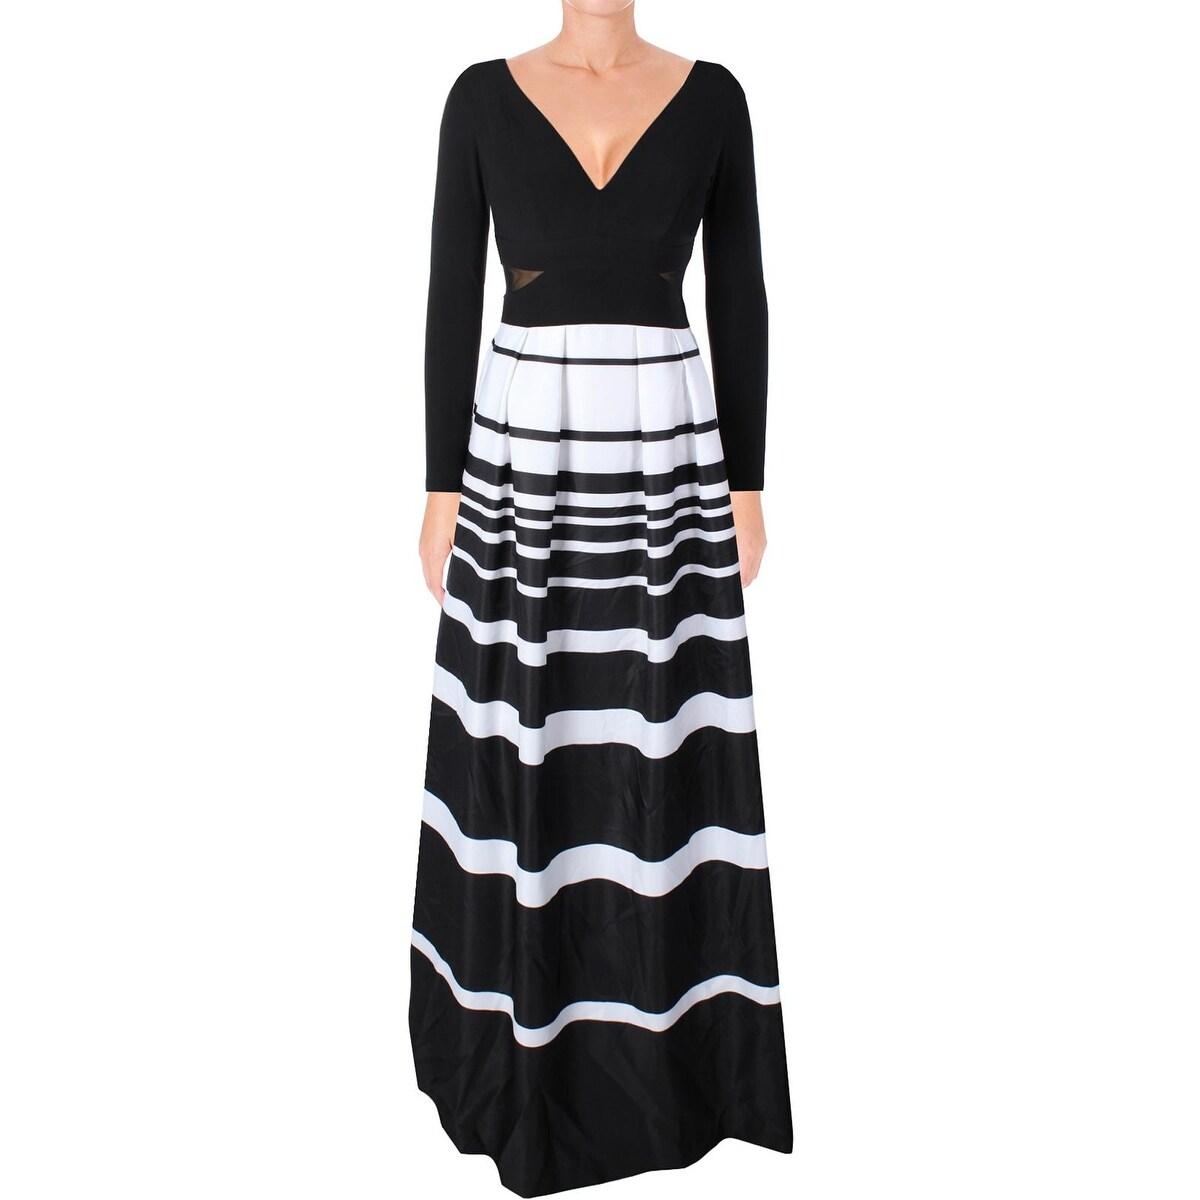 Shop Xscape Womens Ball Gown Evening Dress Striped Long Sleeve ...